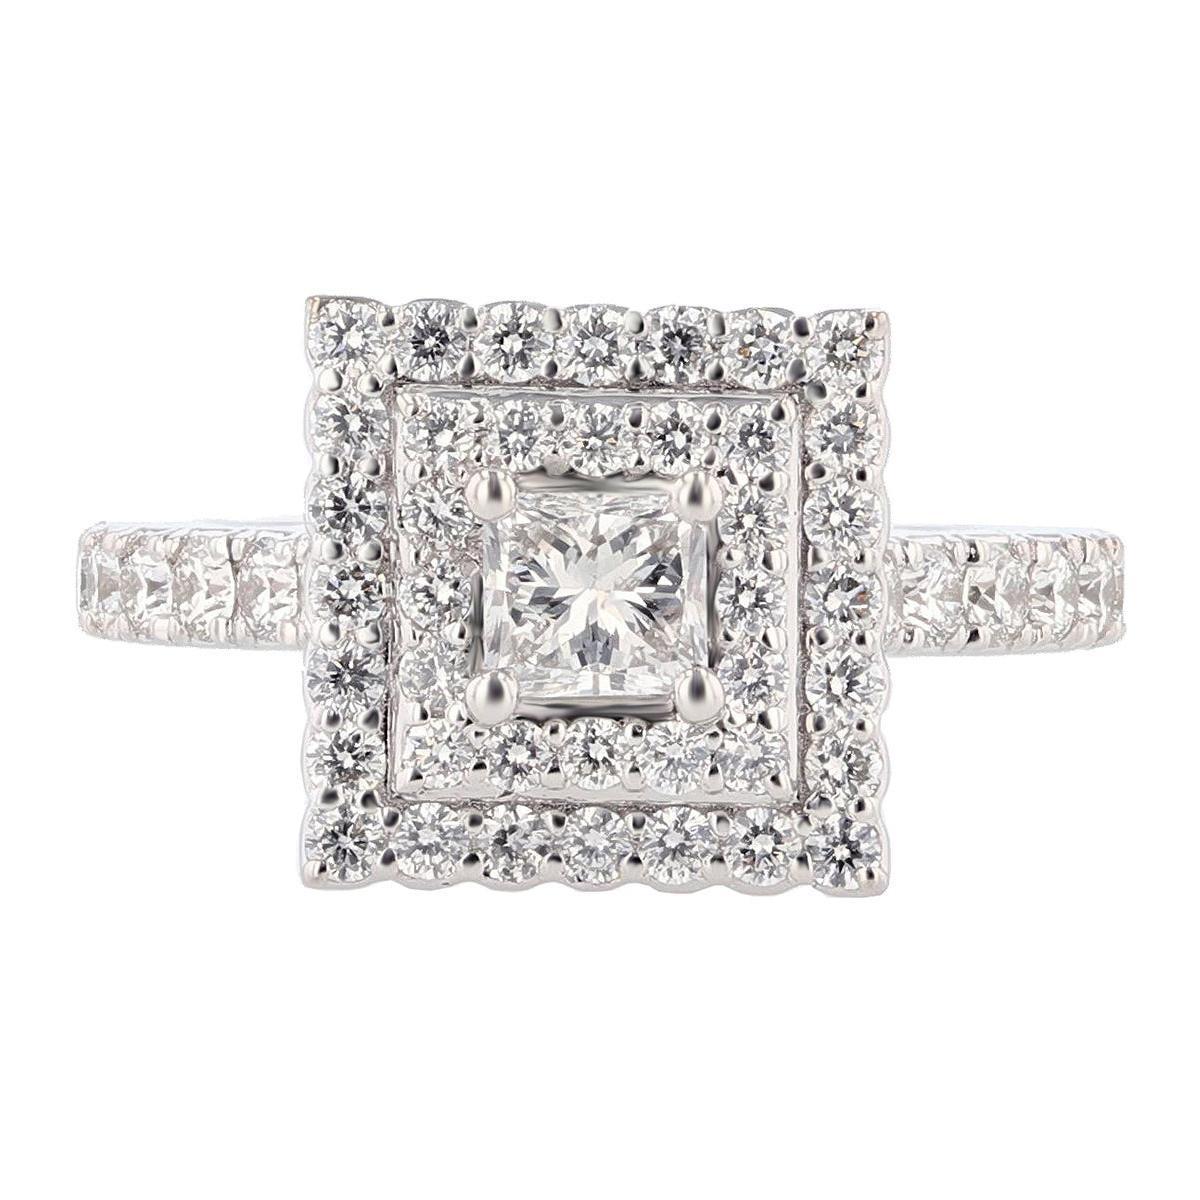 Nazarelle 14 Karat White Gold Double Halo Princess Diamond Engagement Ring